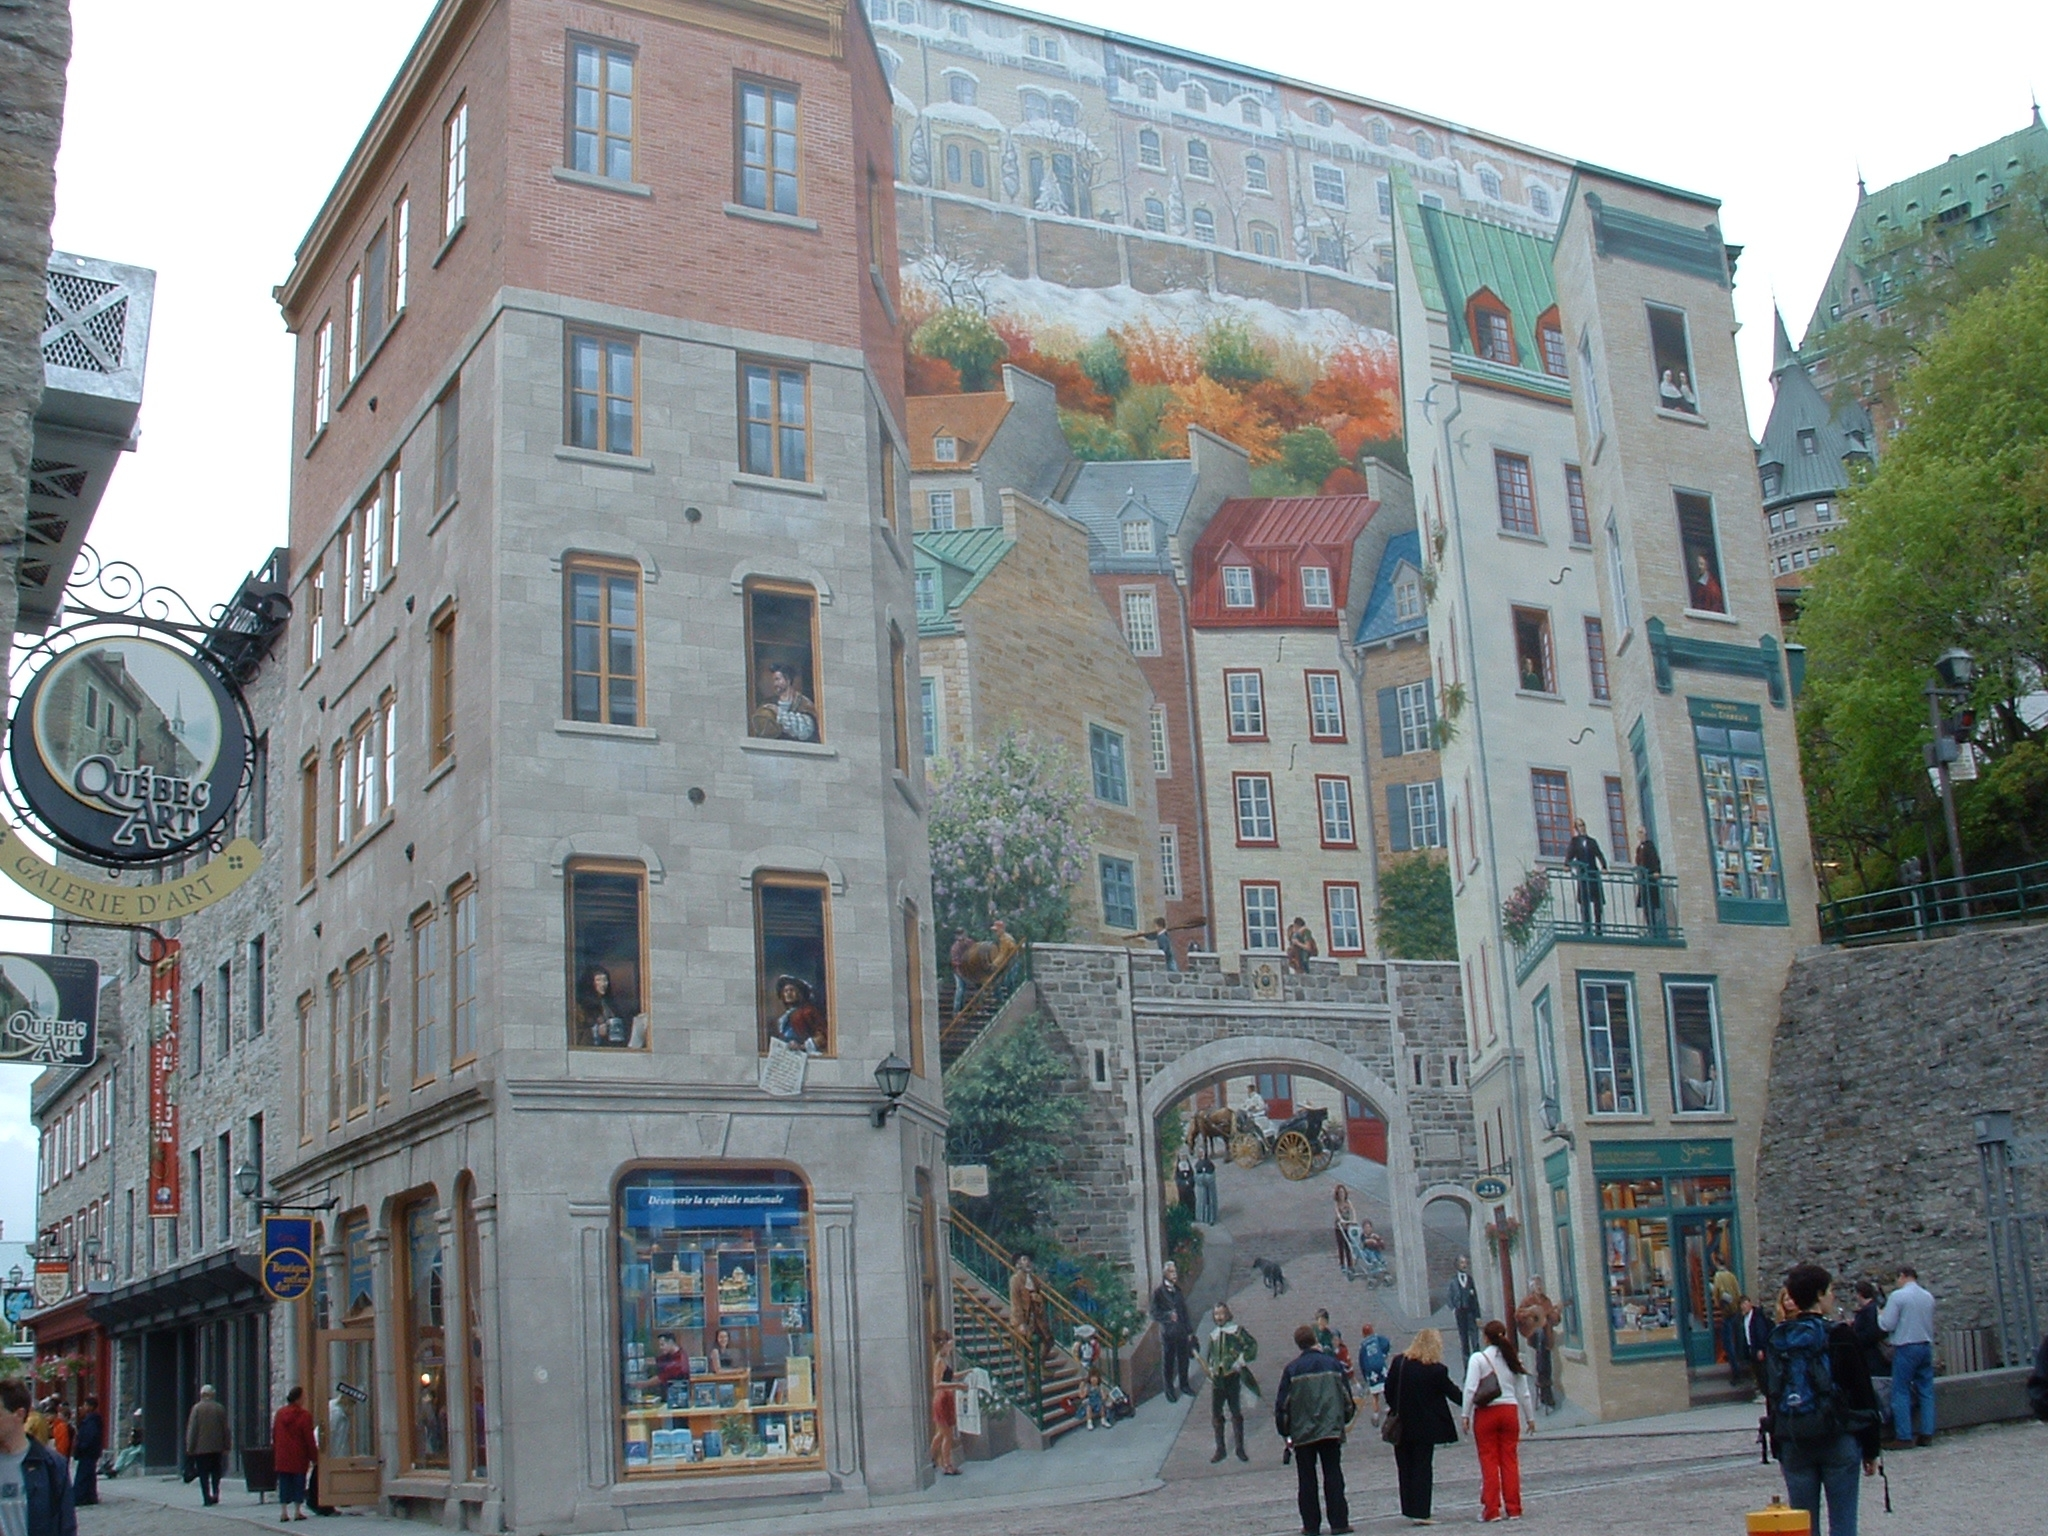 Mural, Quebec City